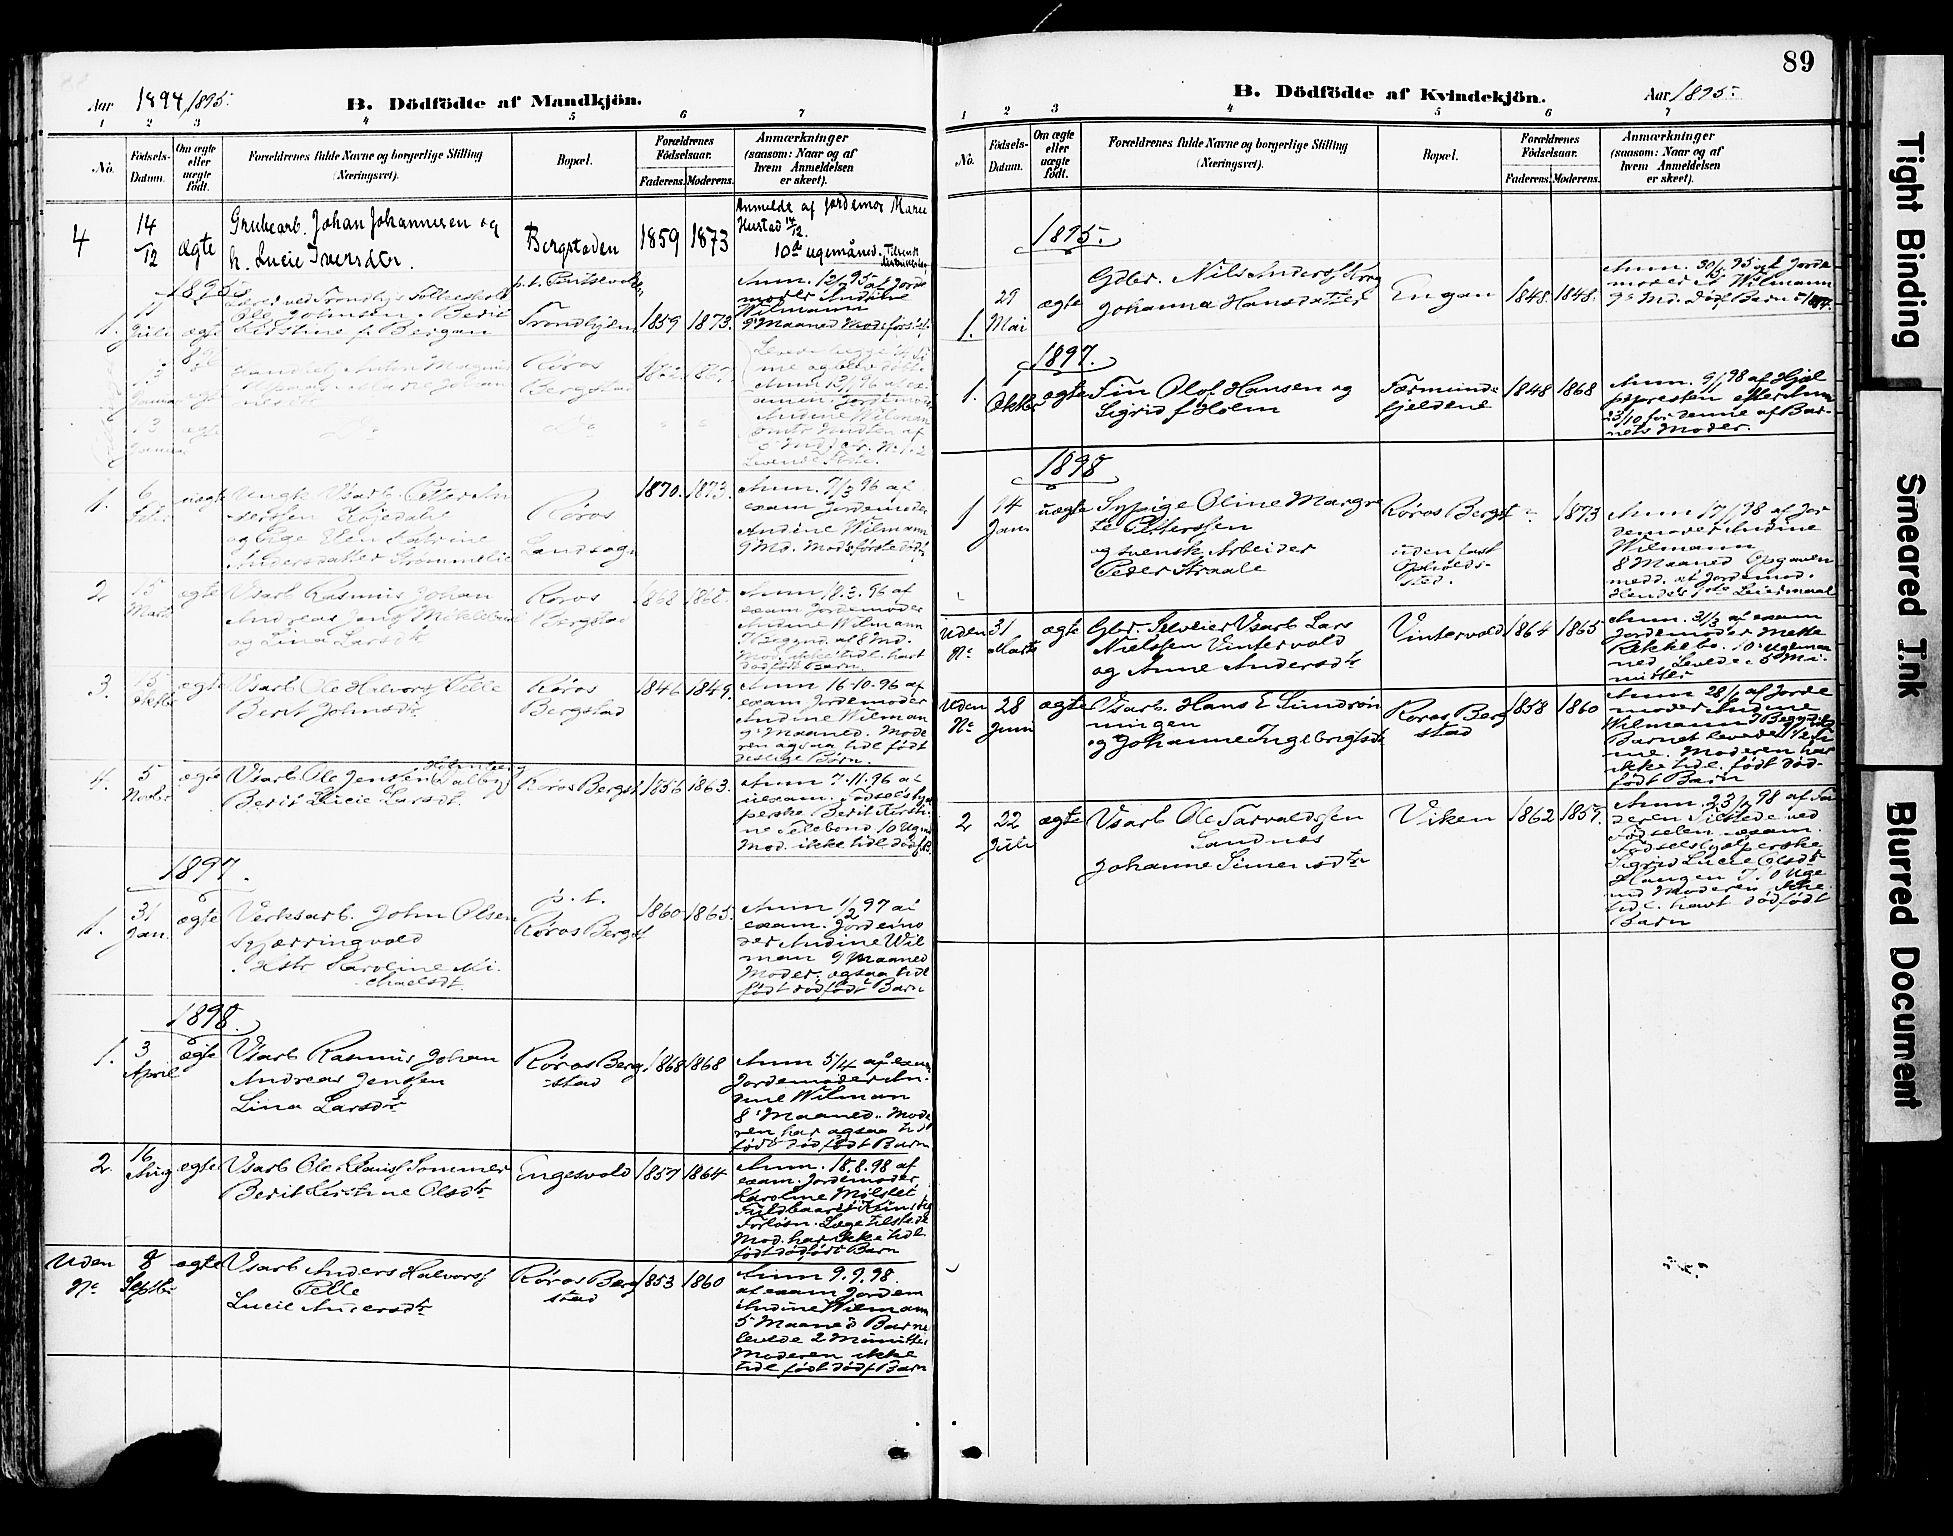 SAT, Ministerialprotokoller, klokkerbøker og fødselsregistre - Sør-Trøndelag, 681/L0935: Ministerialbok nr. 681A13, 1890-1898, s. 89